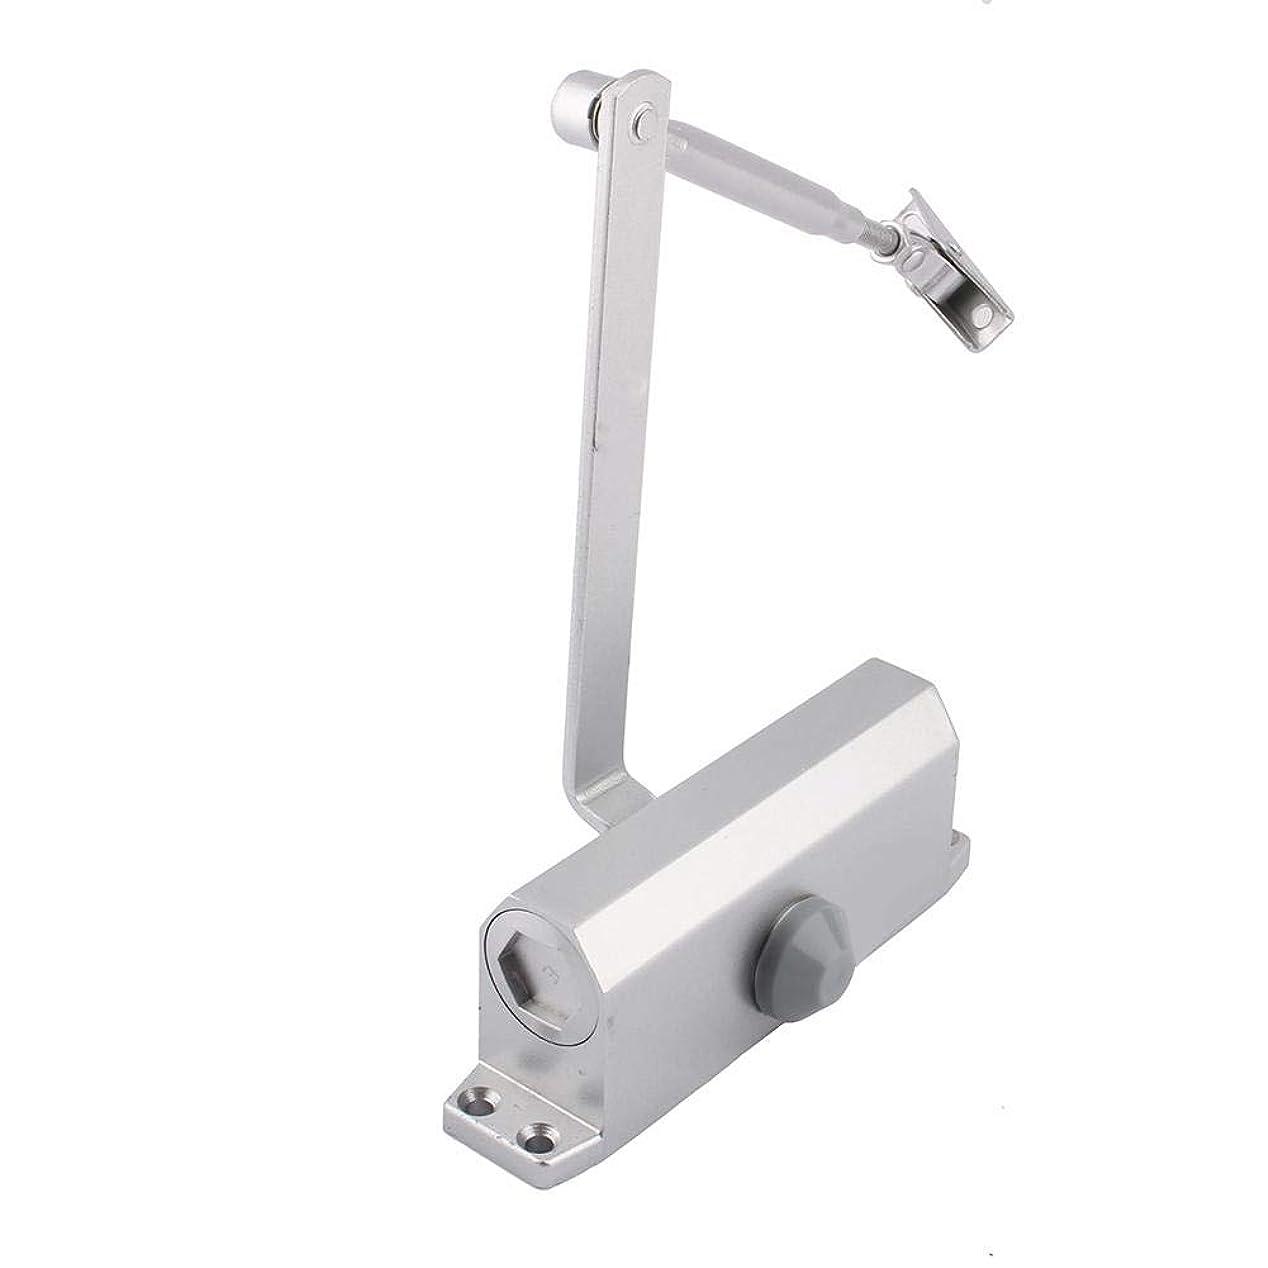 差不快写真を描くSimlug 商業用ドアクローザー、45-65KGアルミニウム商業用ドアクローザー2つの独立したバルブ制御ツール(#1)